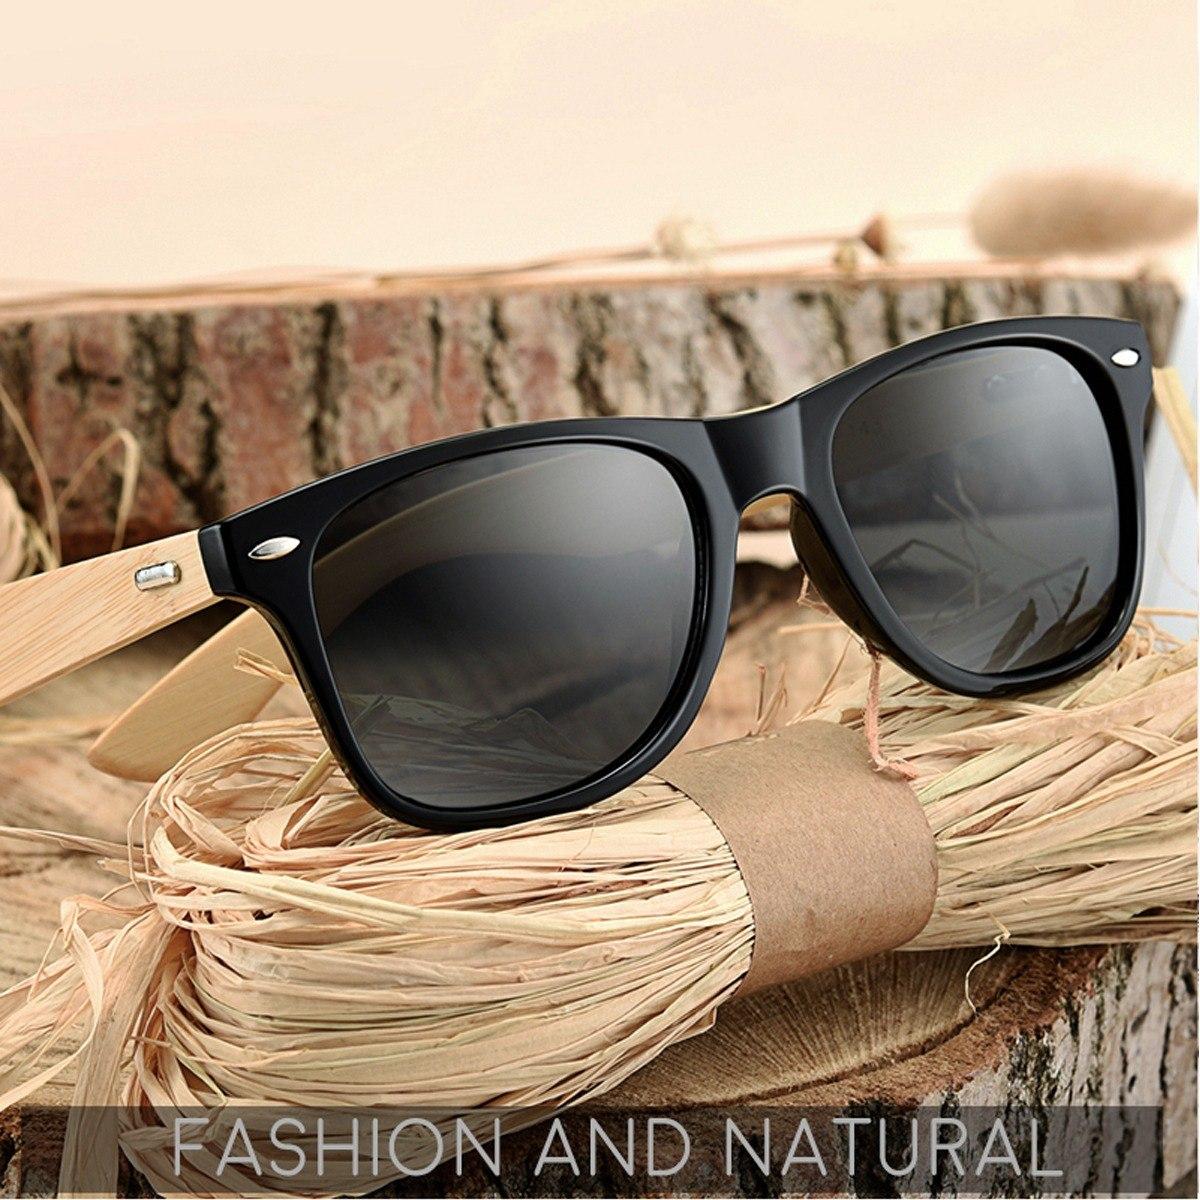 690ae00d34515 oculos sol feminino masculino hd madeira espelhado vintage. Carregando zoom.